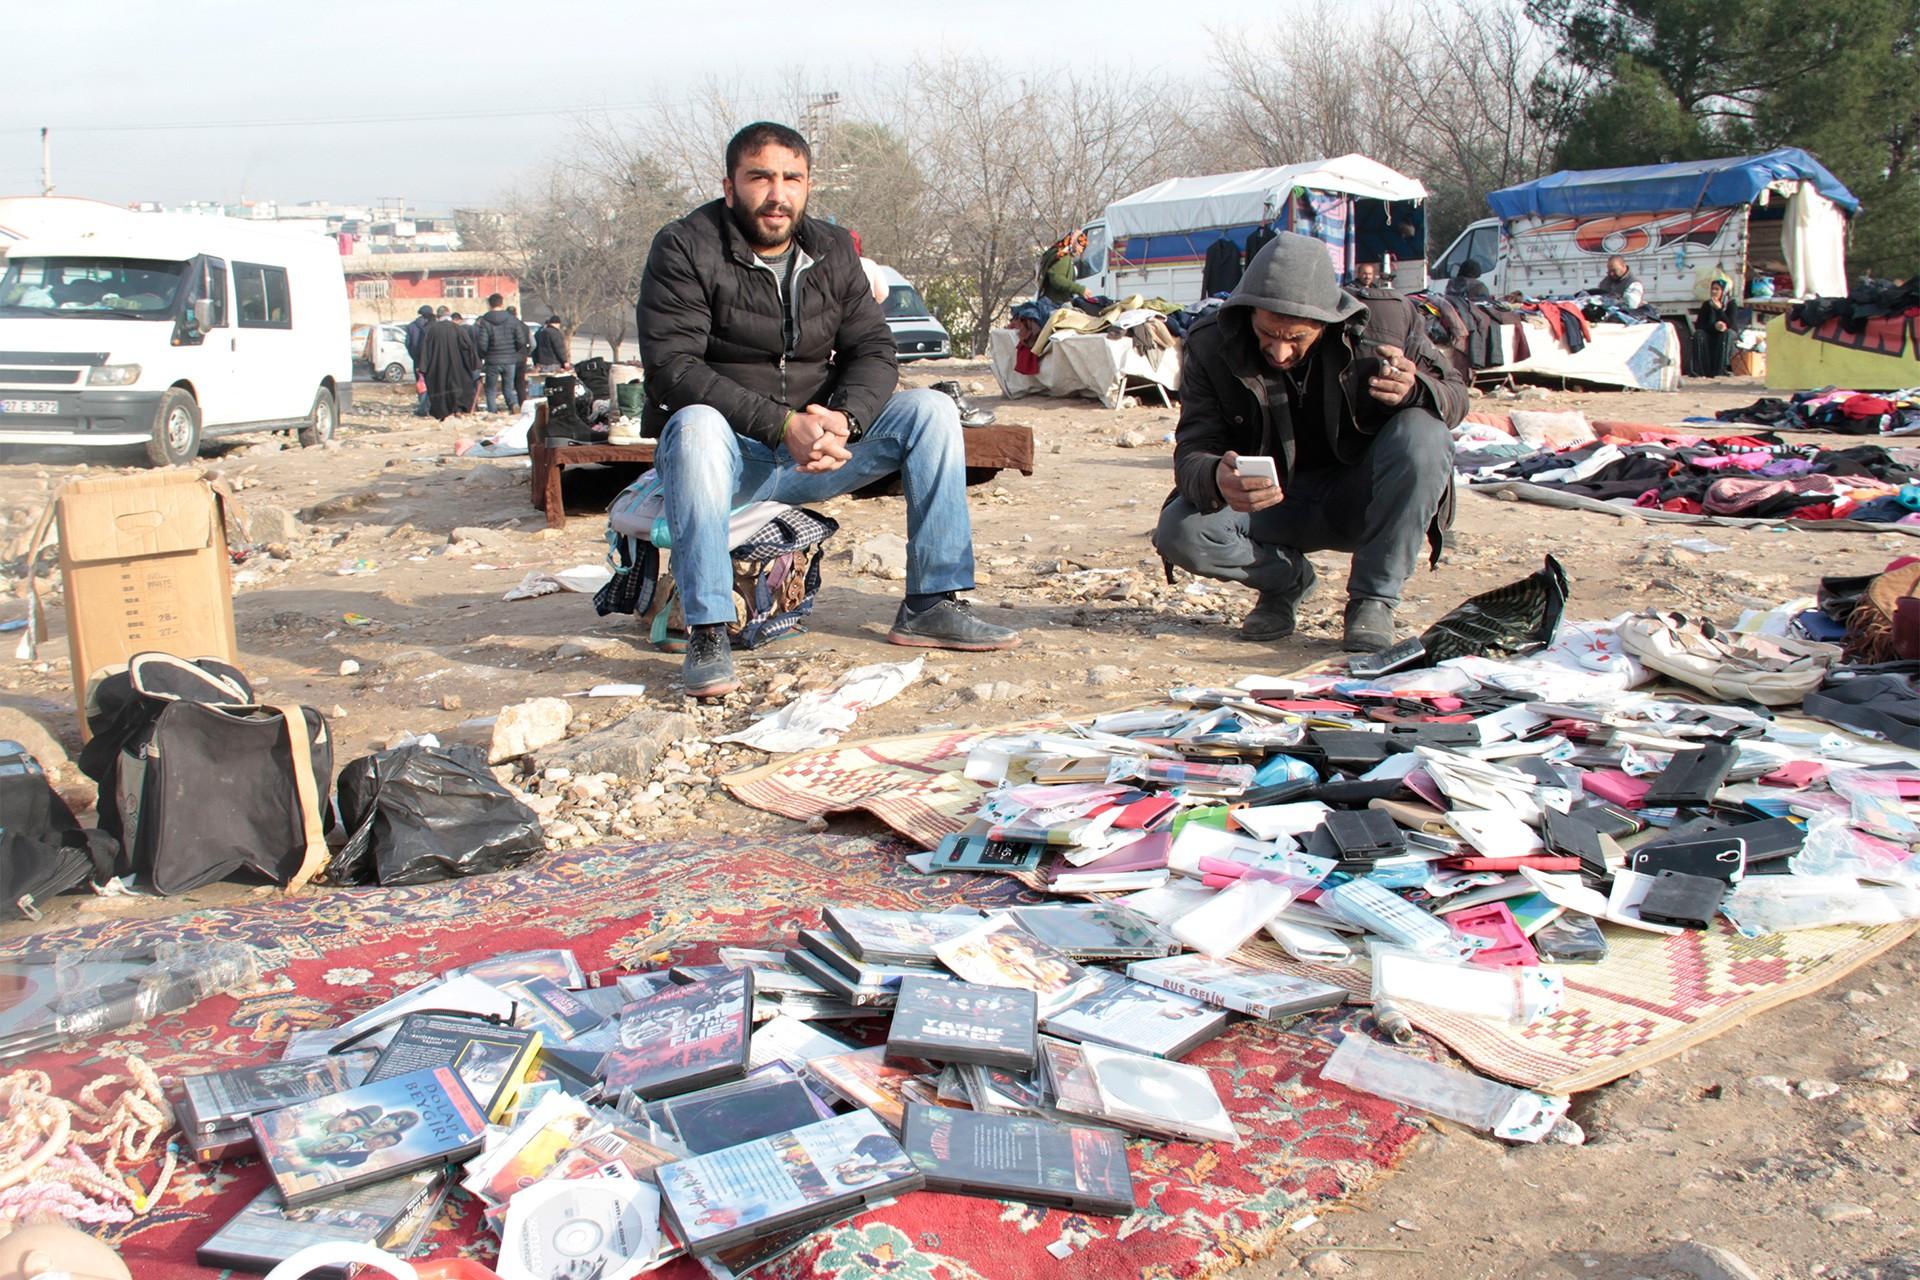 Bit pazarı yerde film cd'leri ve cüzdan satan kişiler...